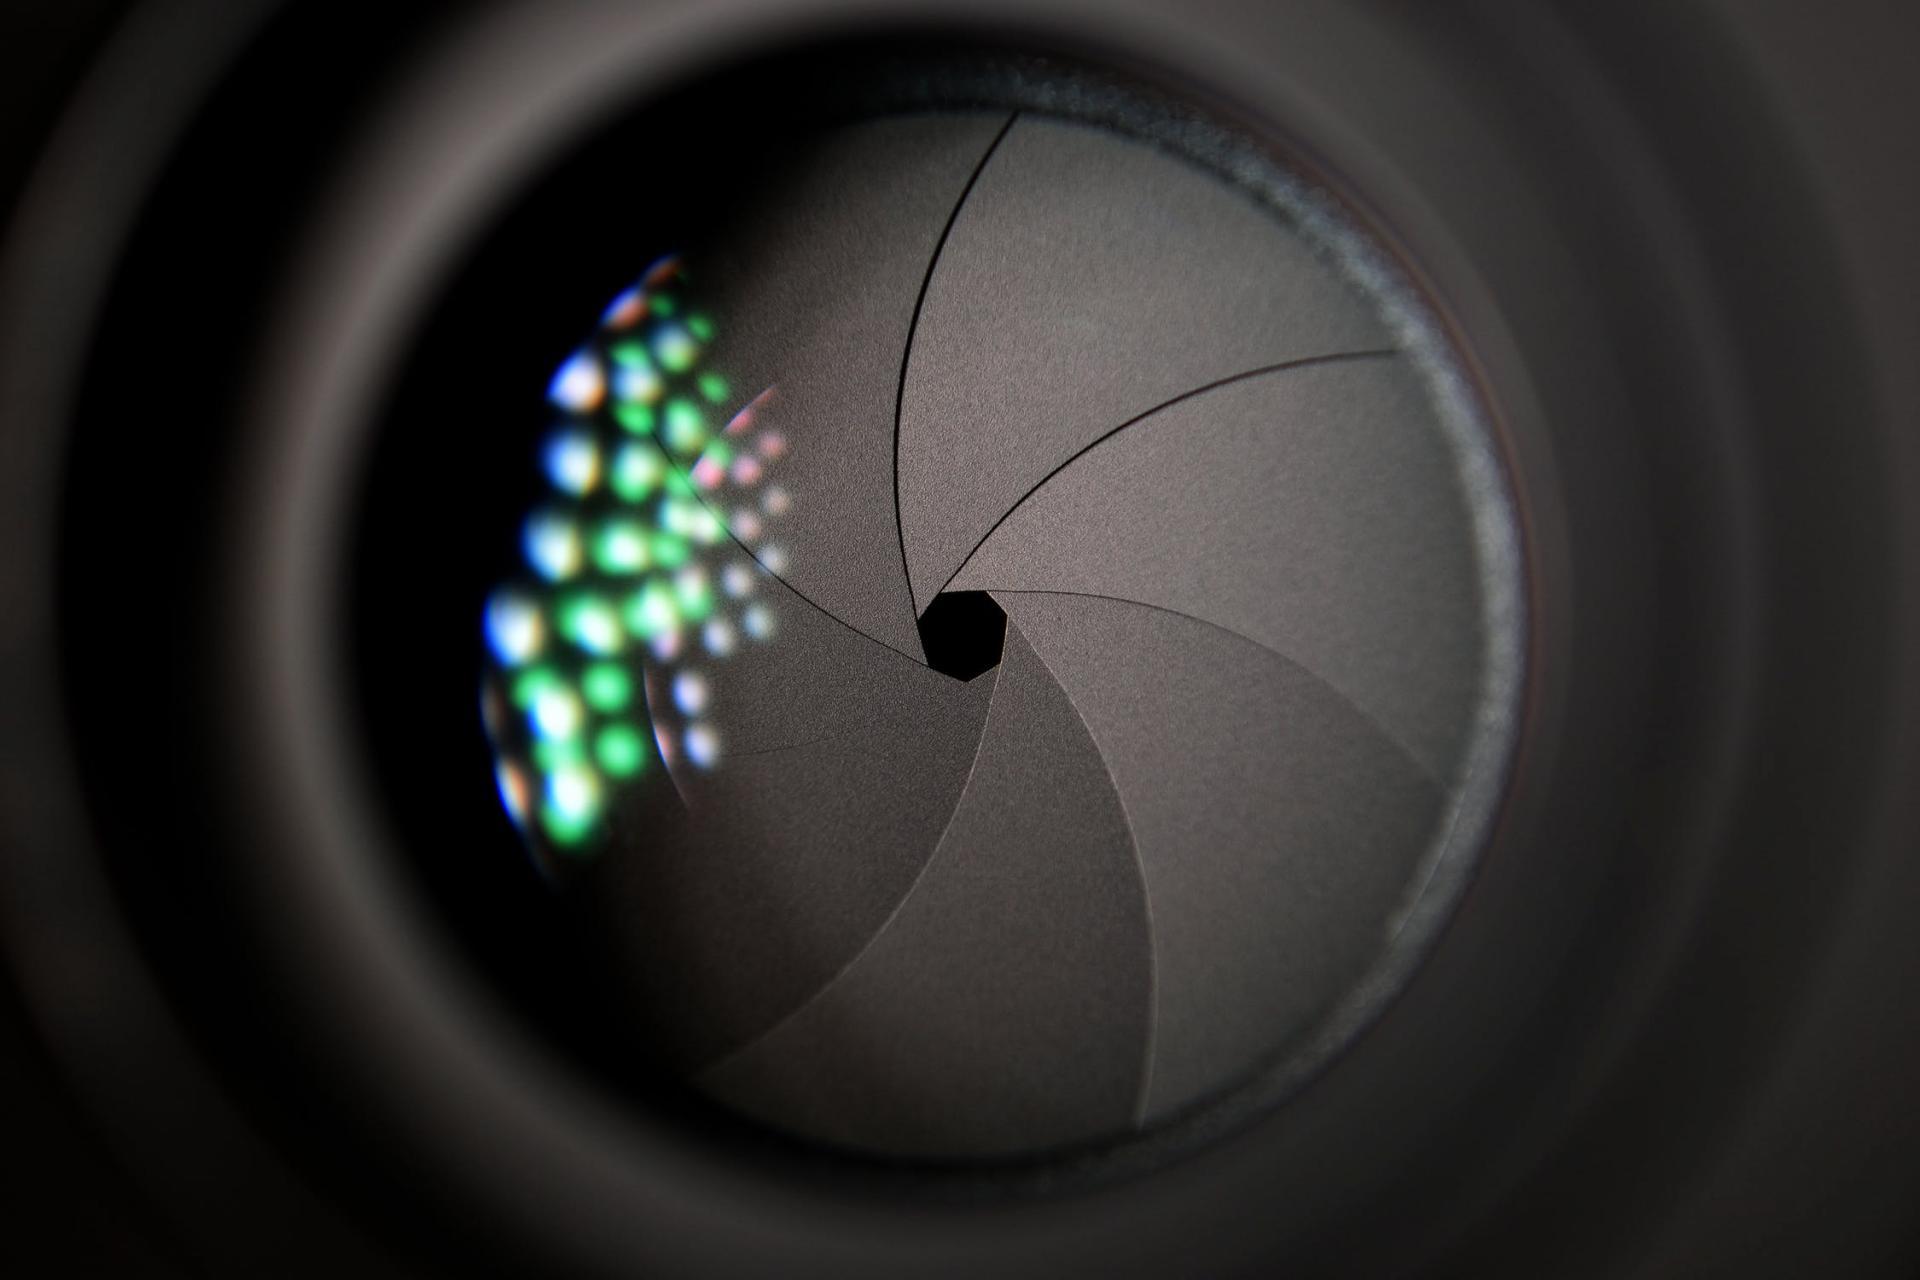 Камеру изGoogle Pixel 3 портировали для любых смартфонов